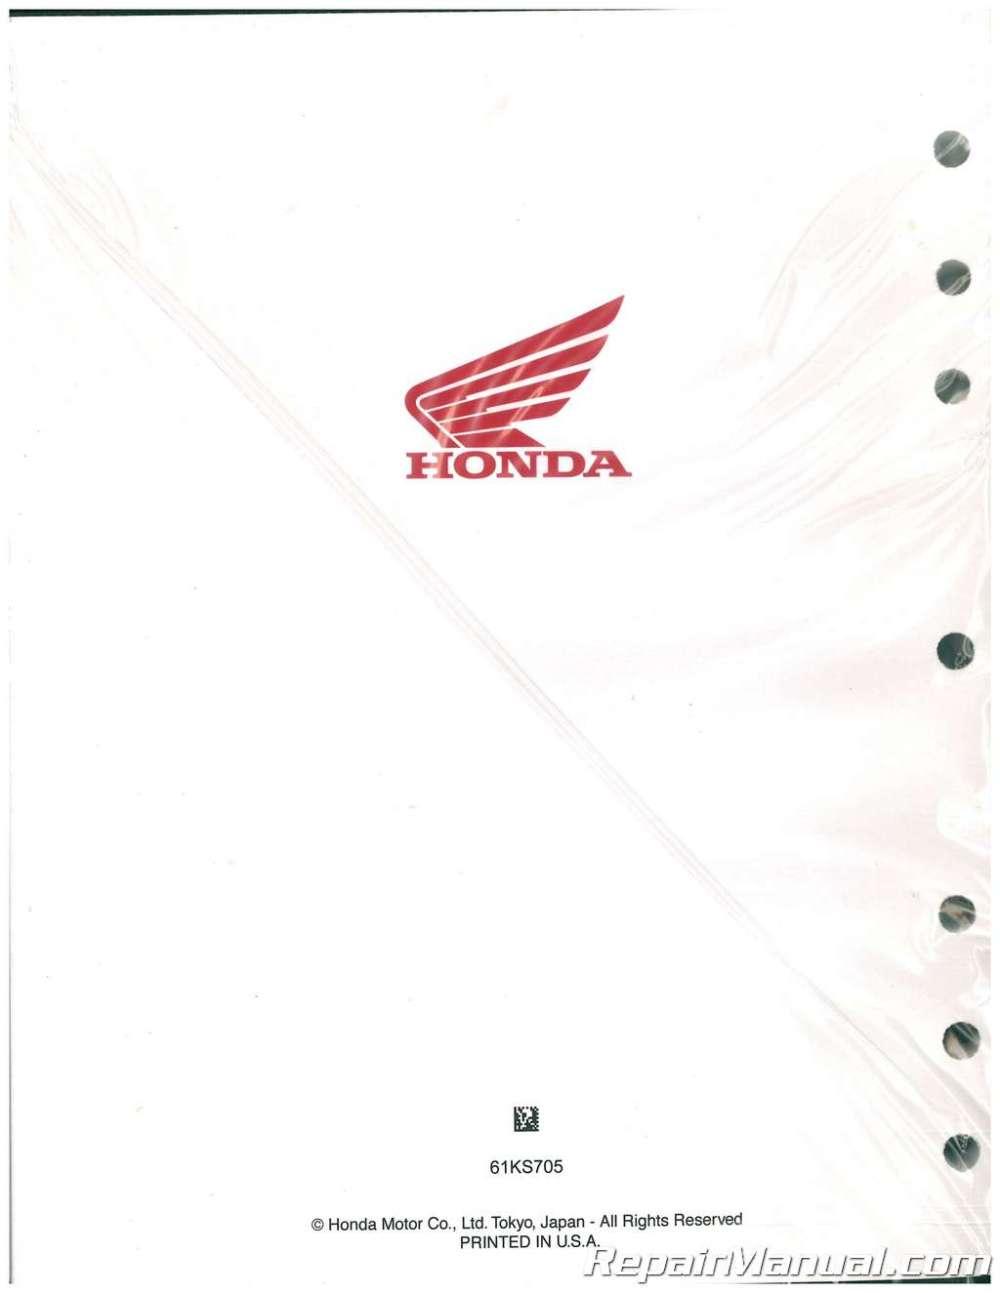 medium resolution of honda cr250r service manual download